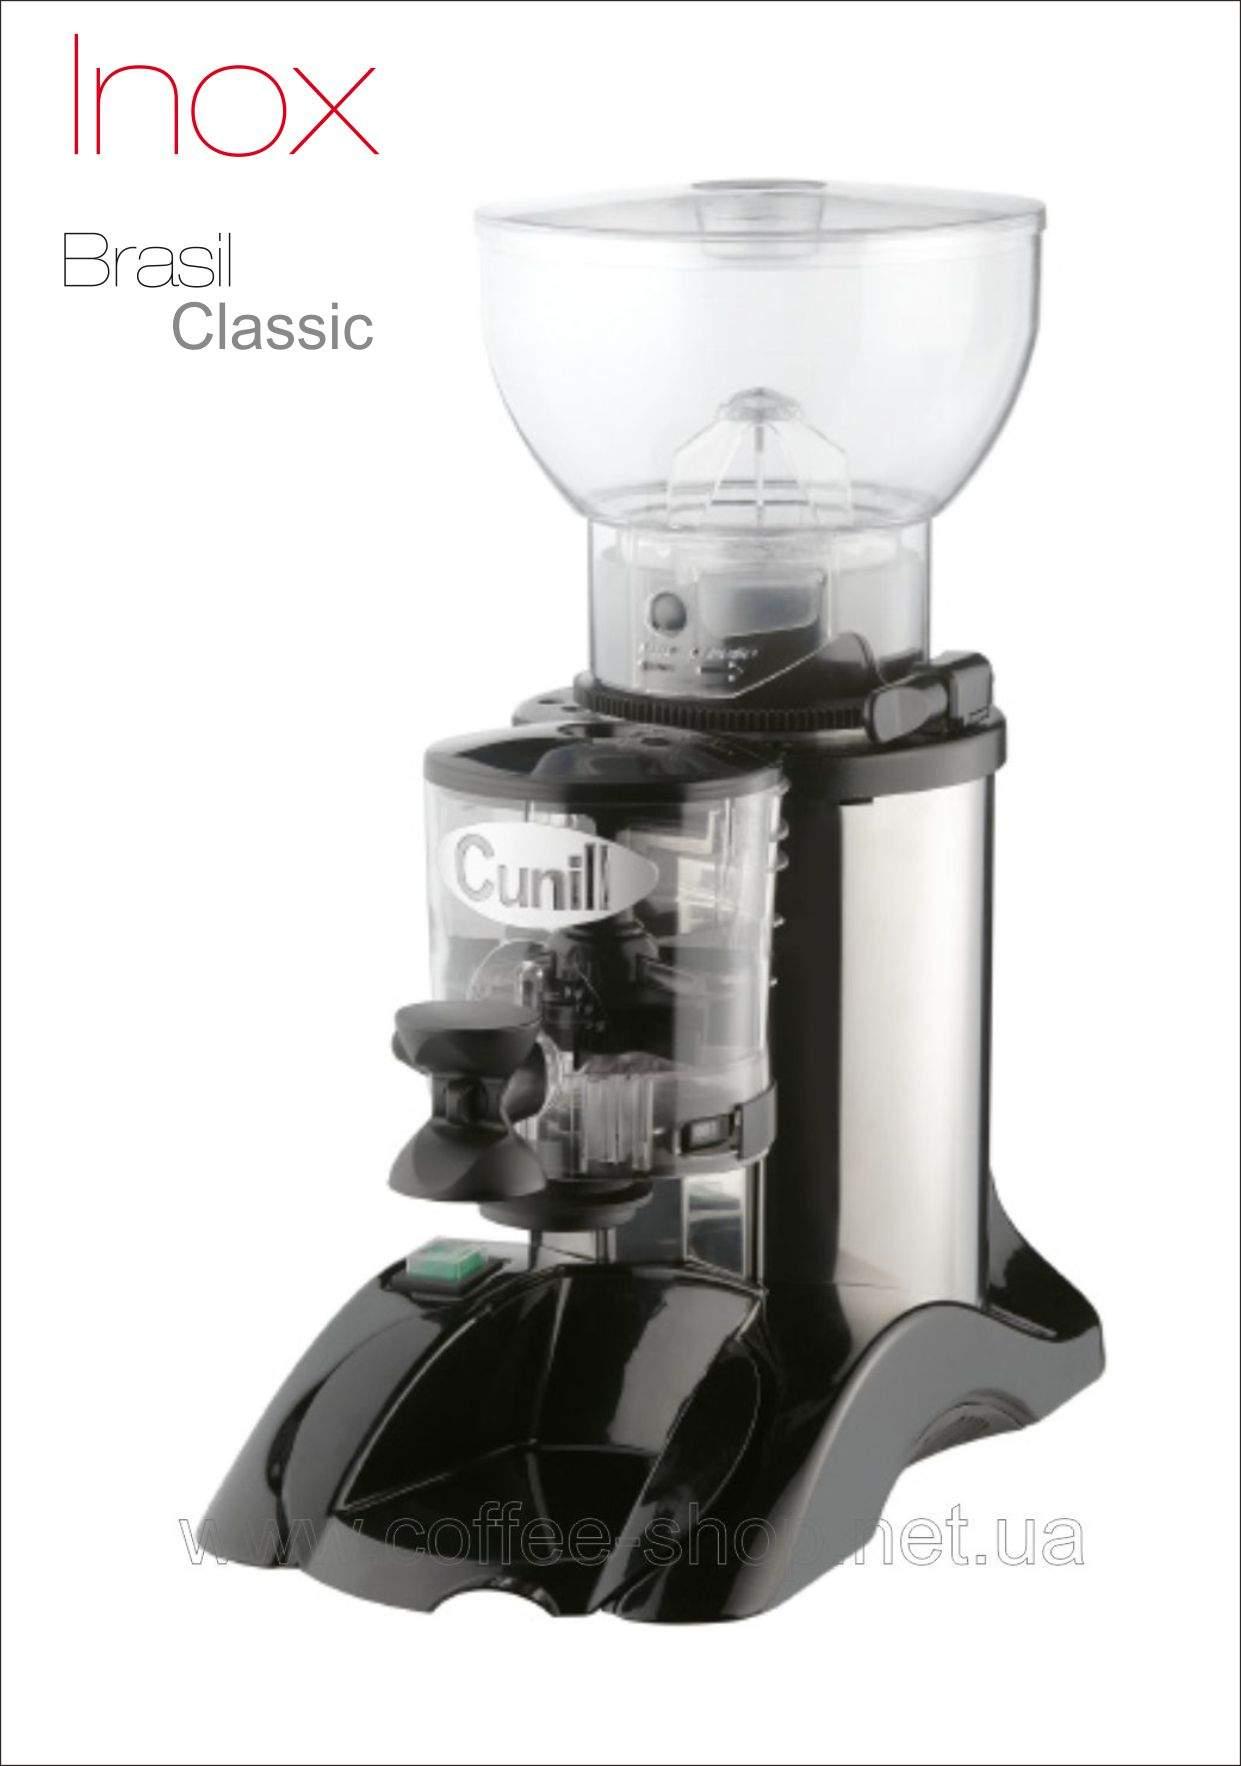 1200 | Кофемолка Cunill Brasil Inox | Coffee Shop